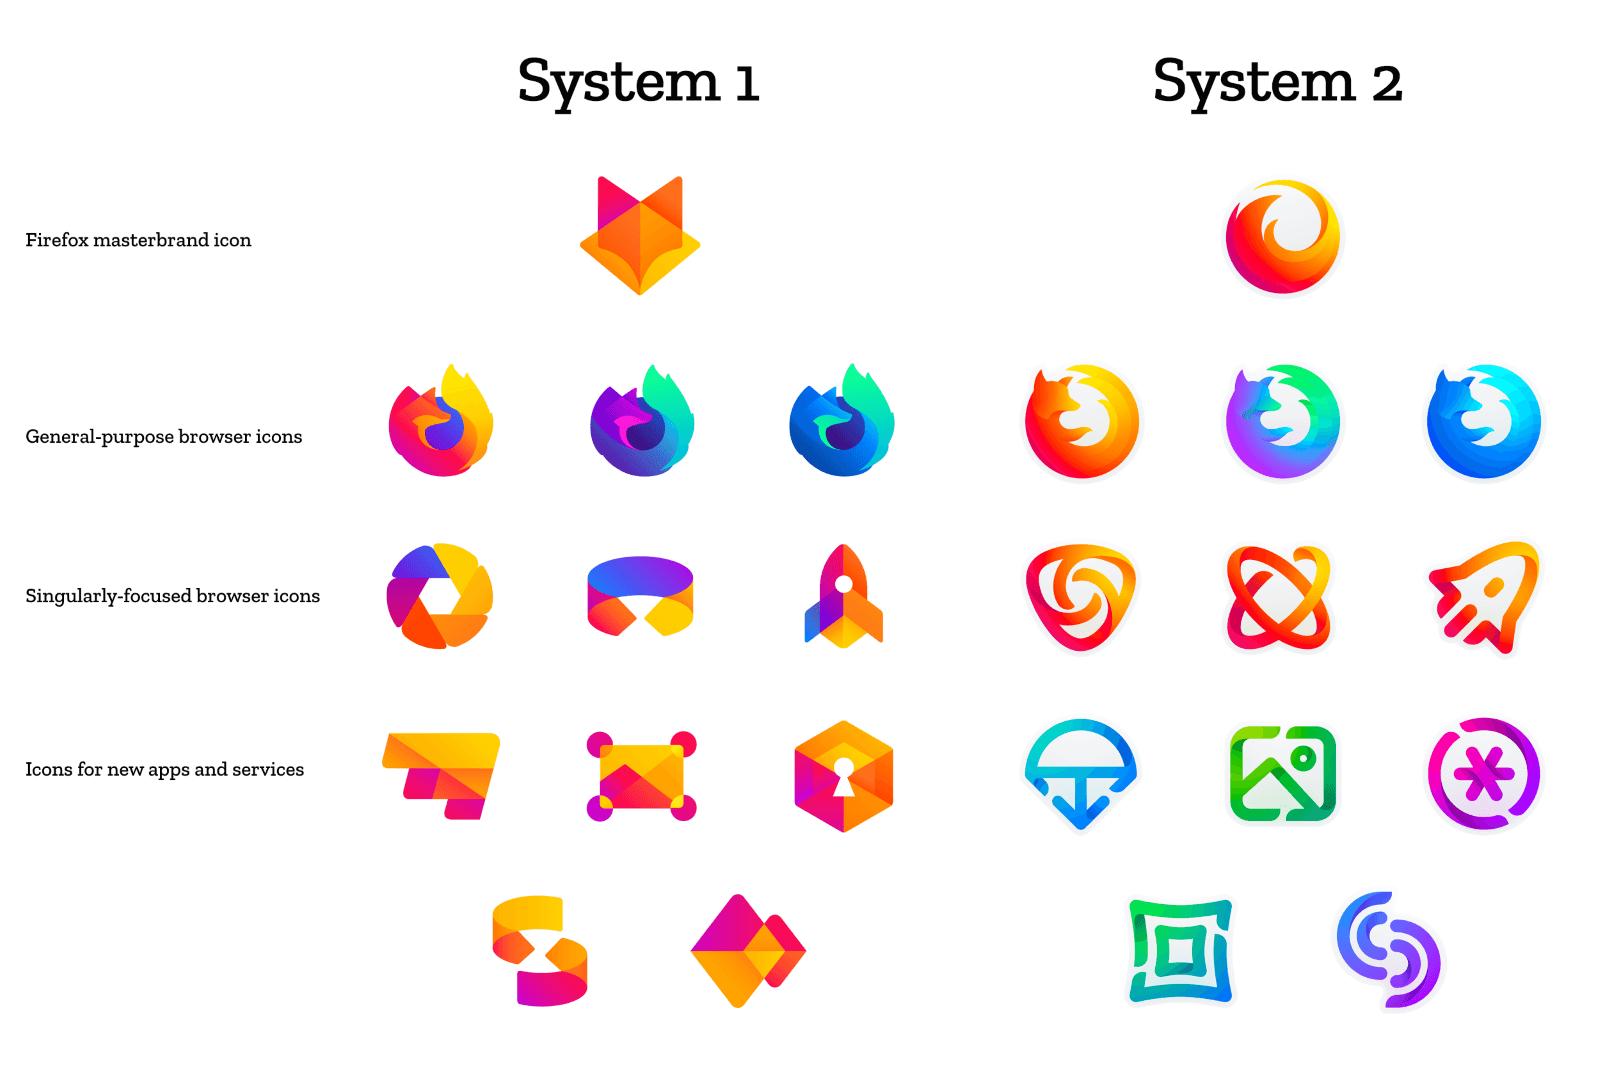 Mozilla quiere cambiar el logo de Firefox y está pidiendo feedback